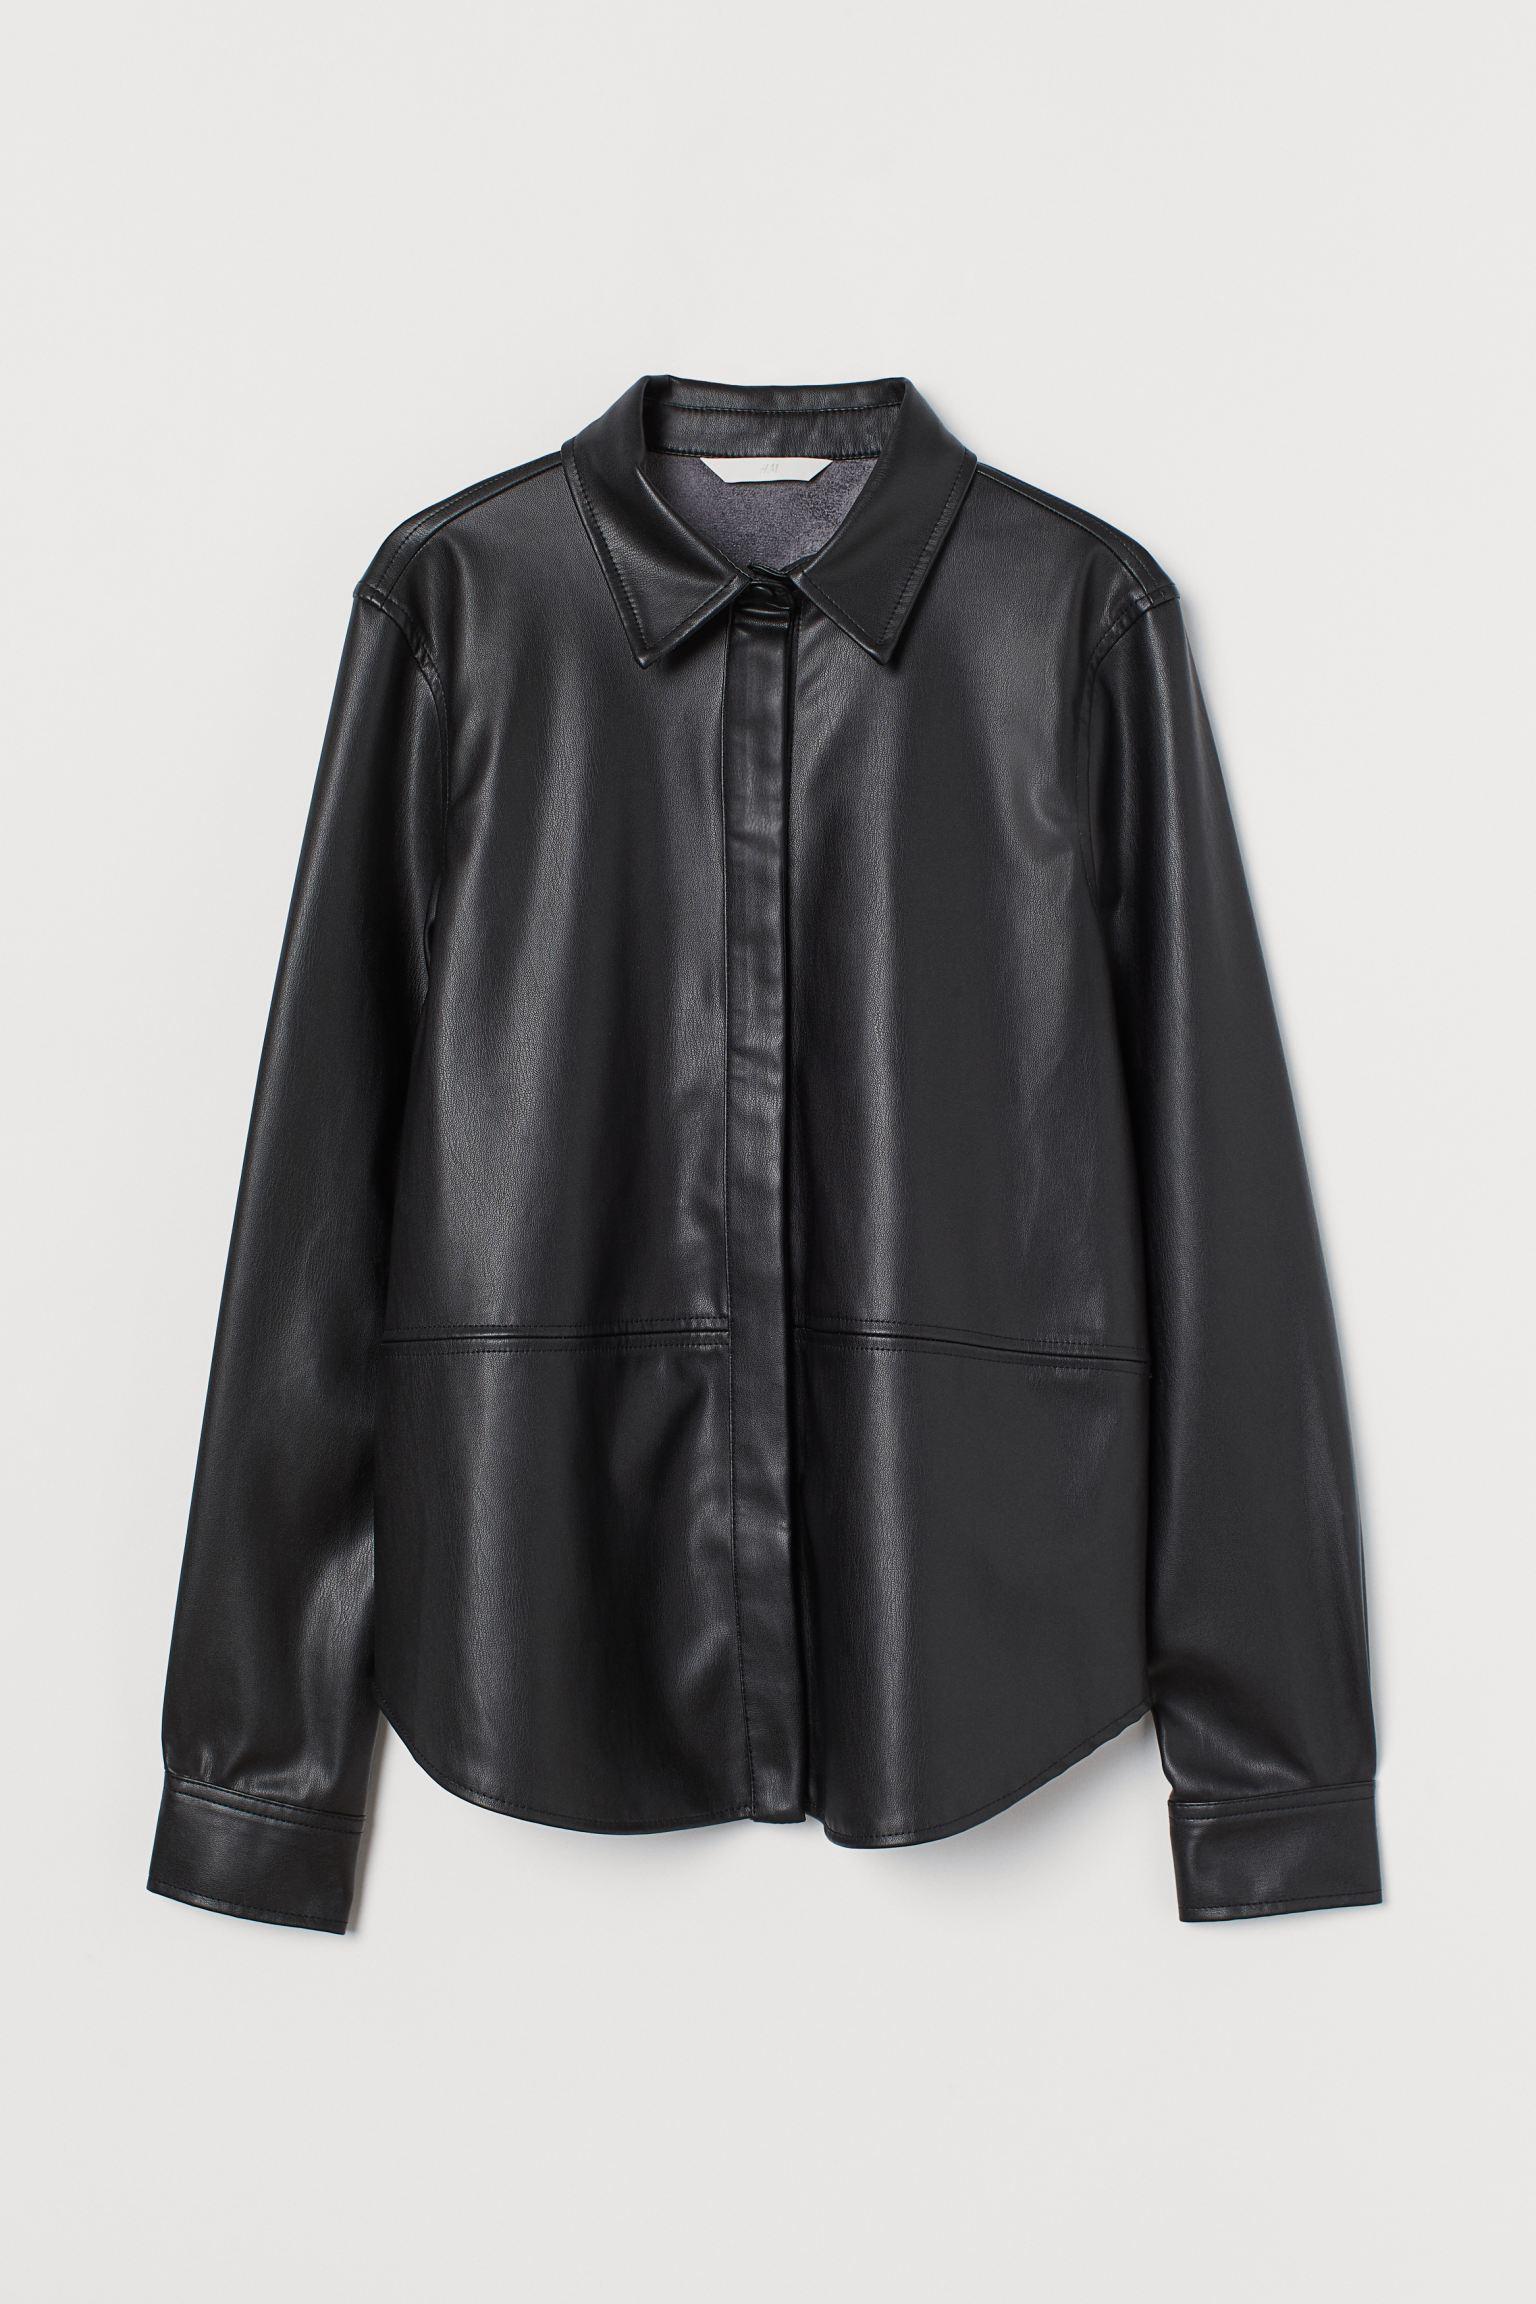 Camisa recta en piel sintética con cuello clásico, cierre de botones ocultos, costura en la cintura y mangas largas con botón revestido en los puños.